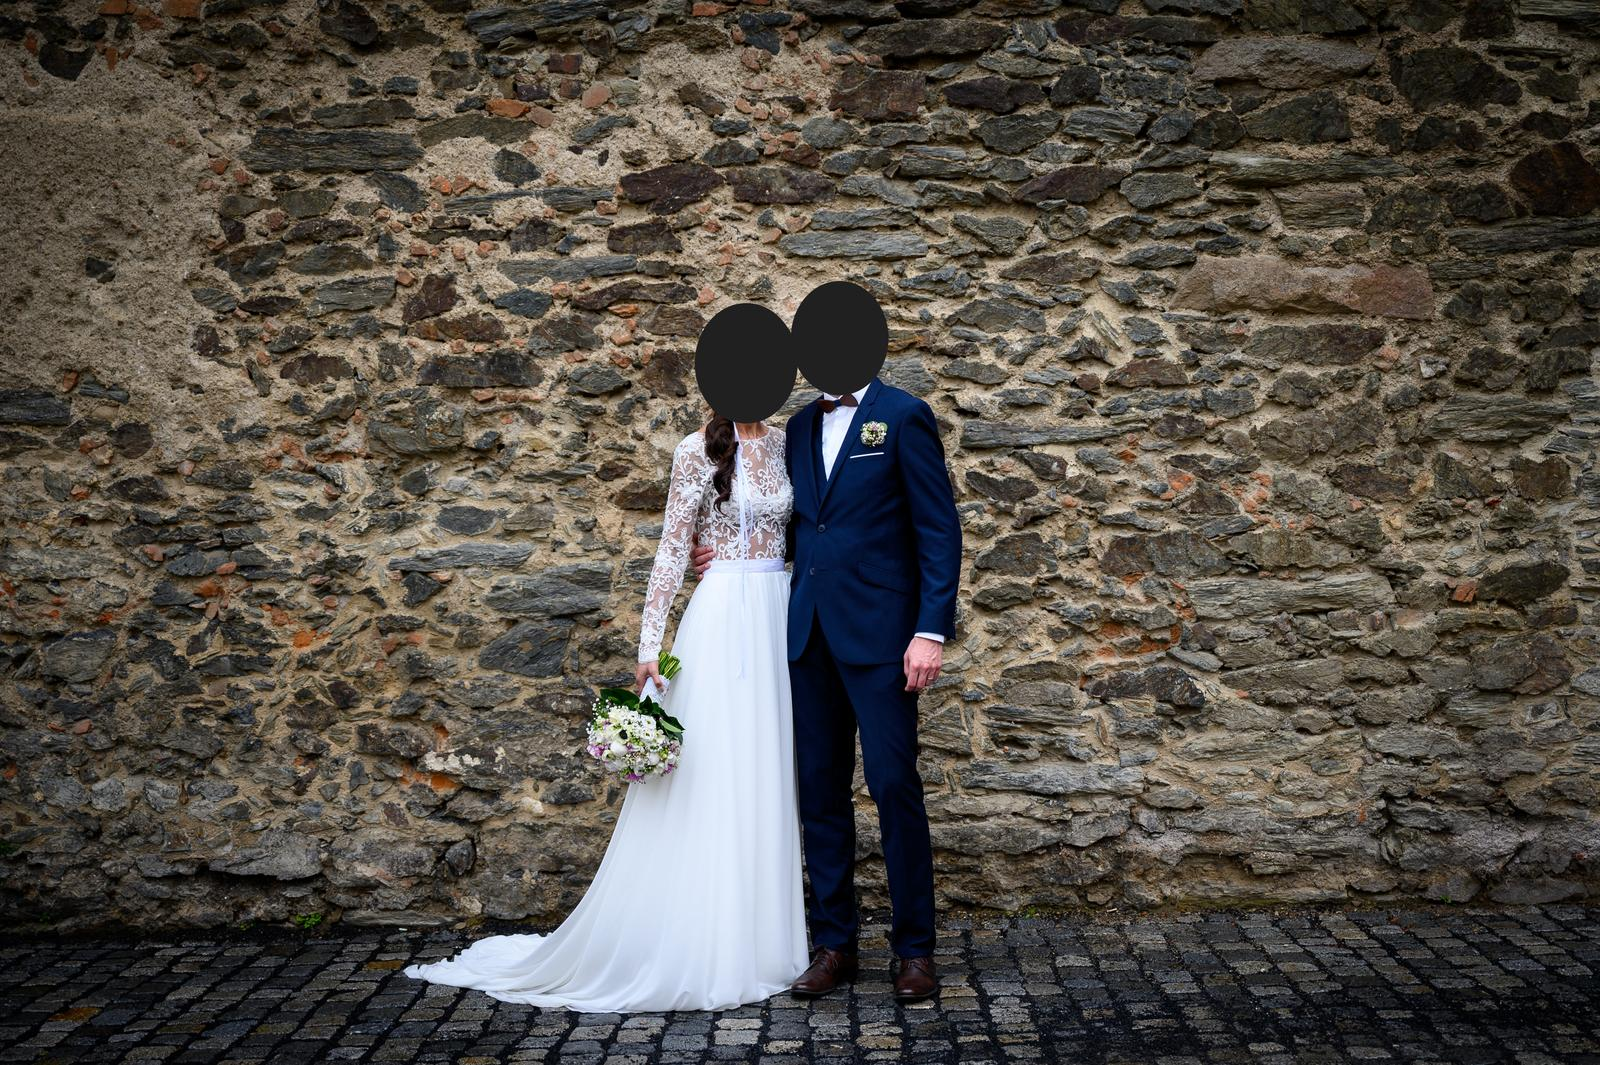 krajkové svatební boho šaty s výstřihem na zádech - Obrázek č. 1